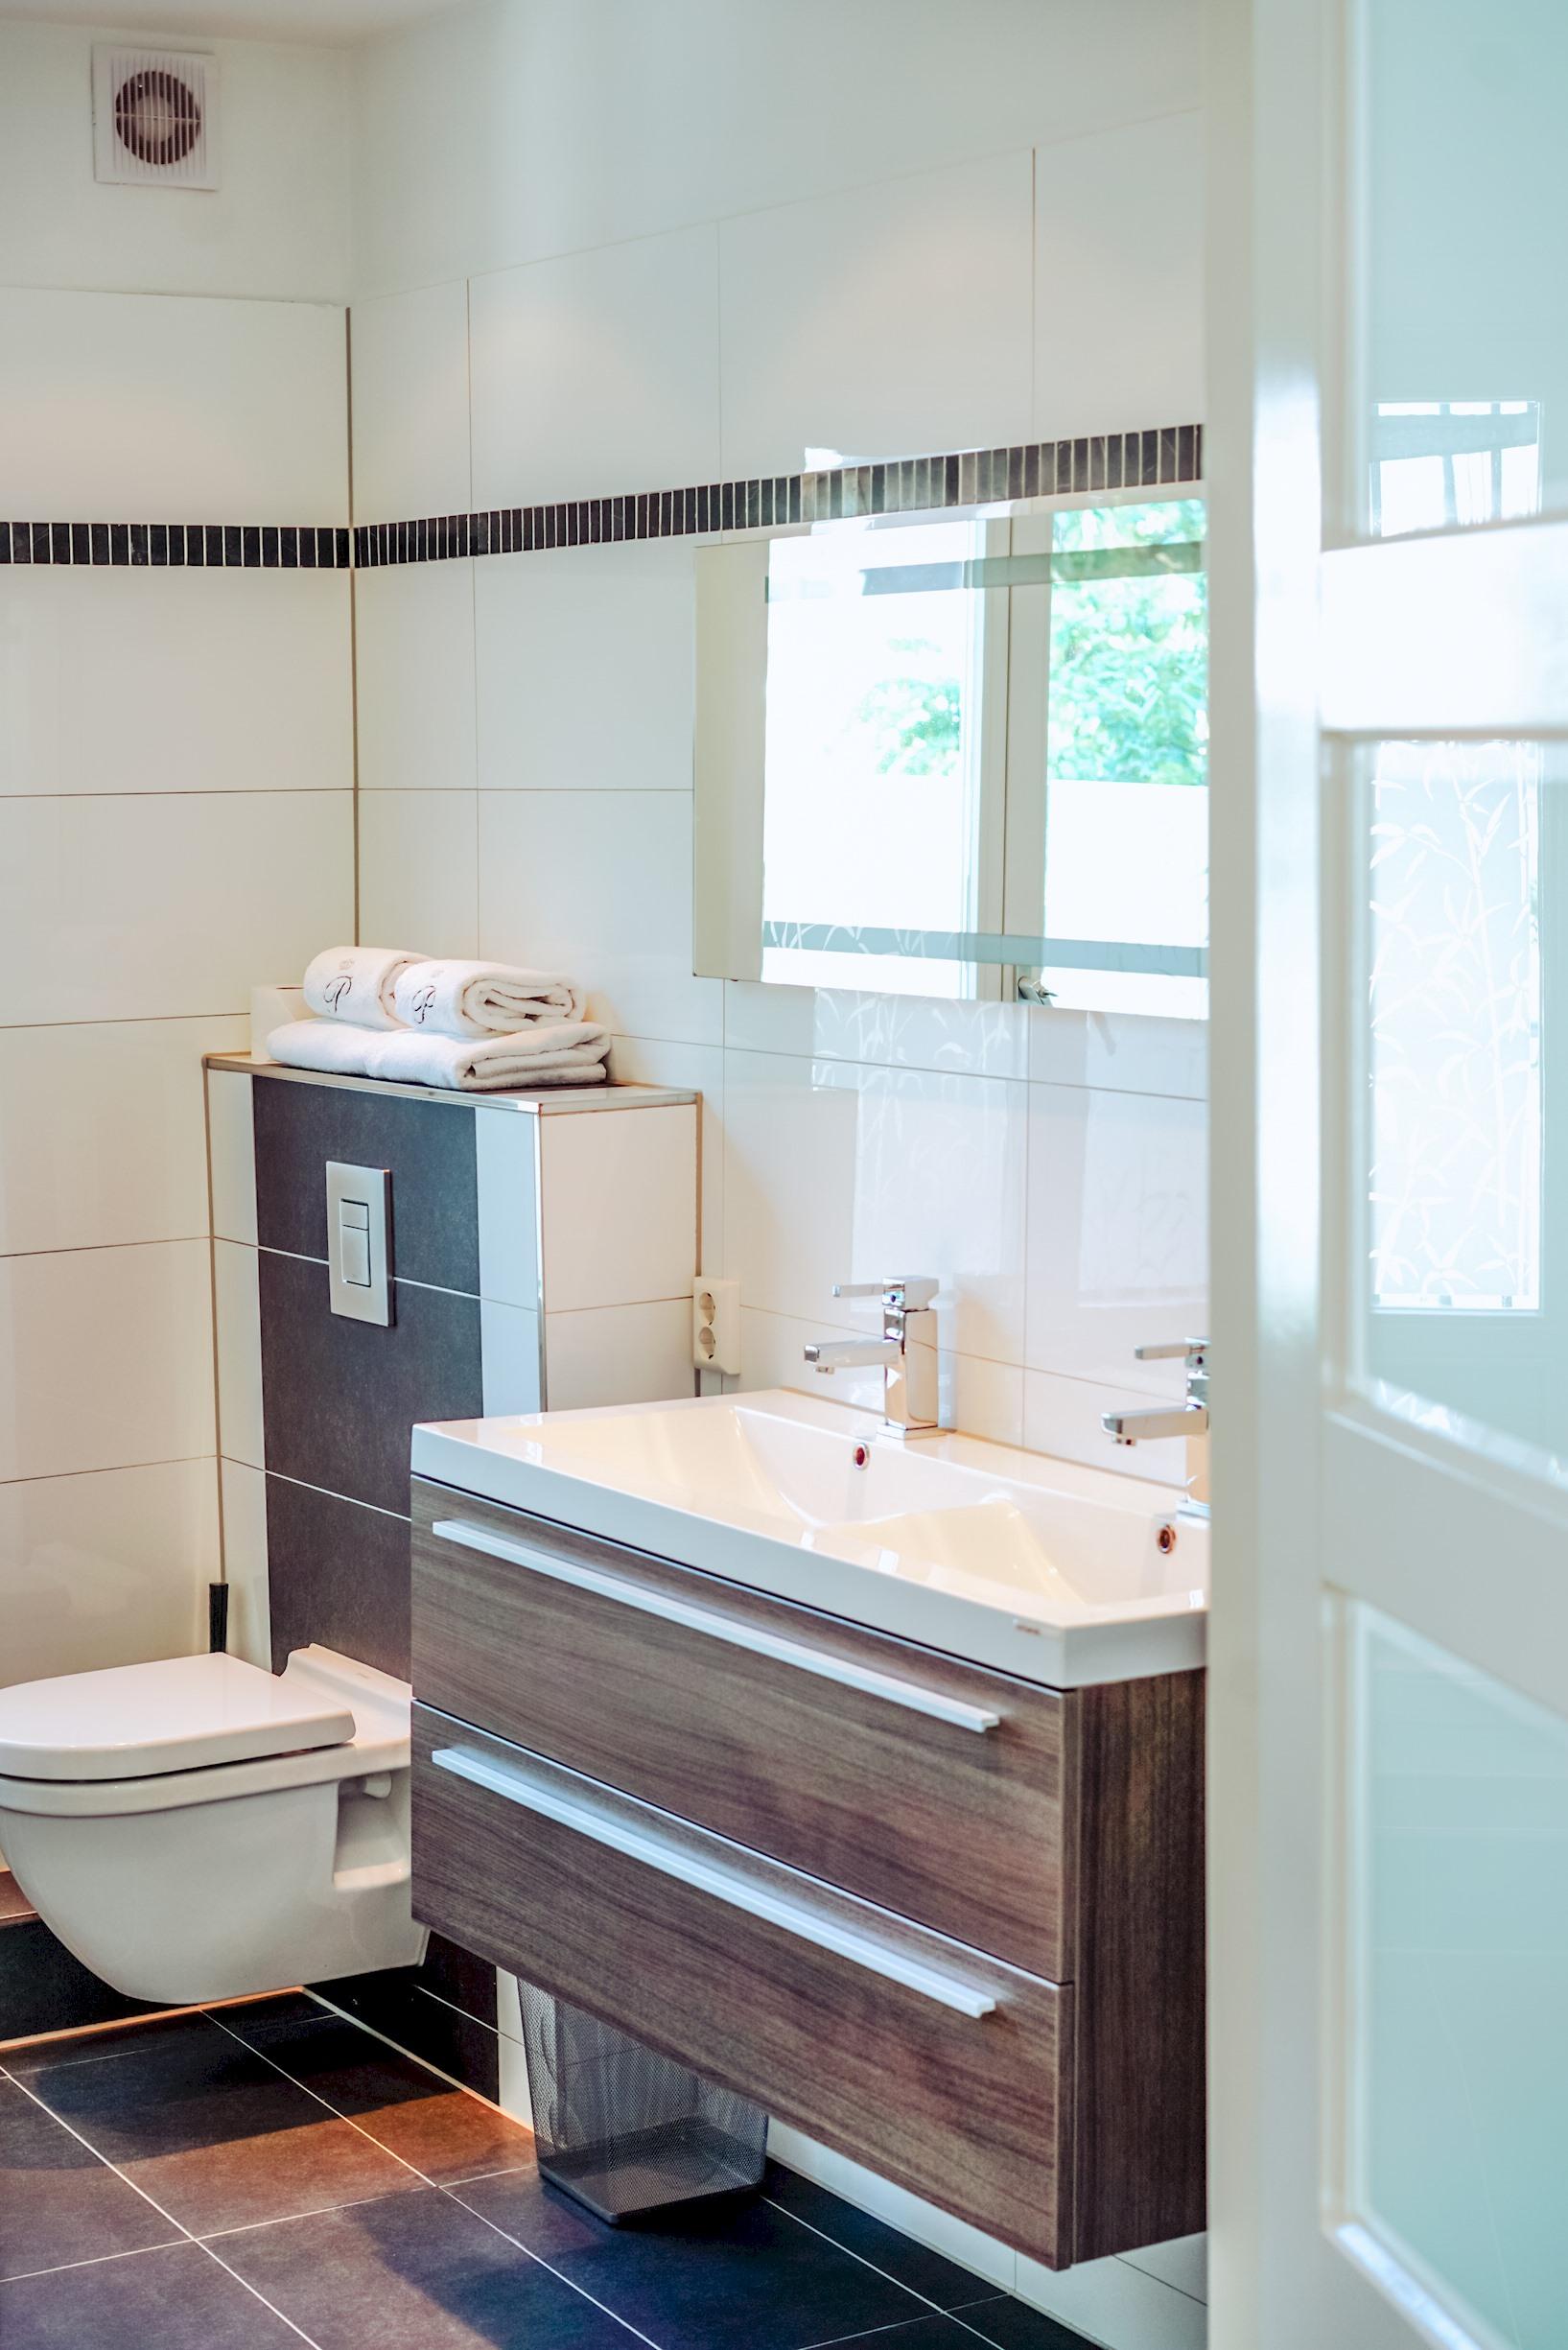 Apartment Amsterdam Apartments Leidsesquare Second Floor Duplex photo 20449710